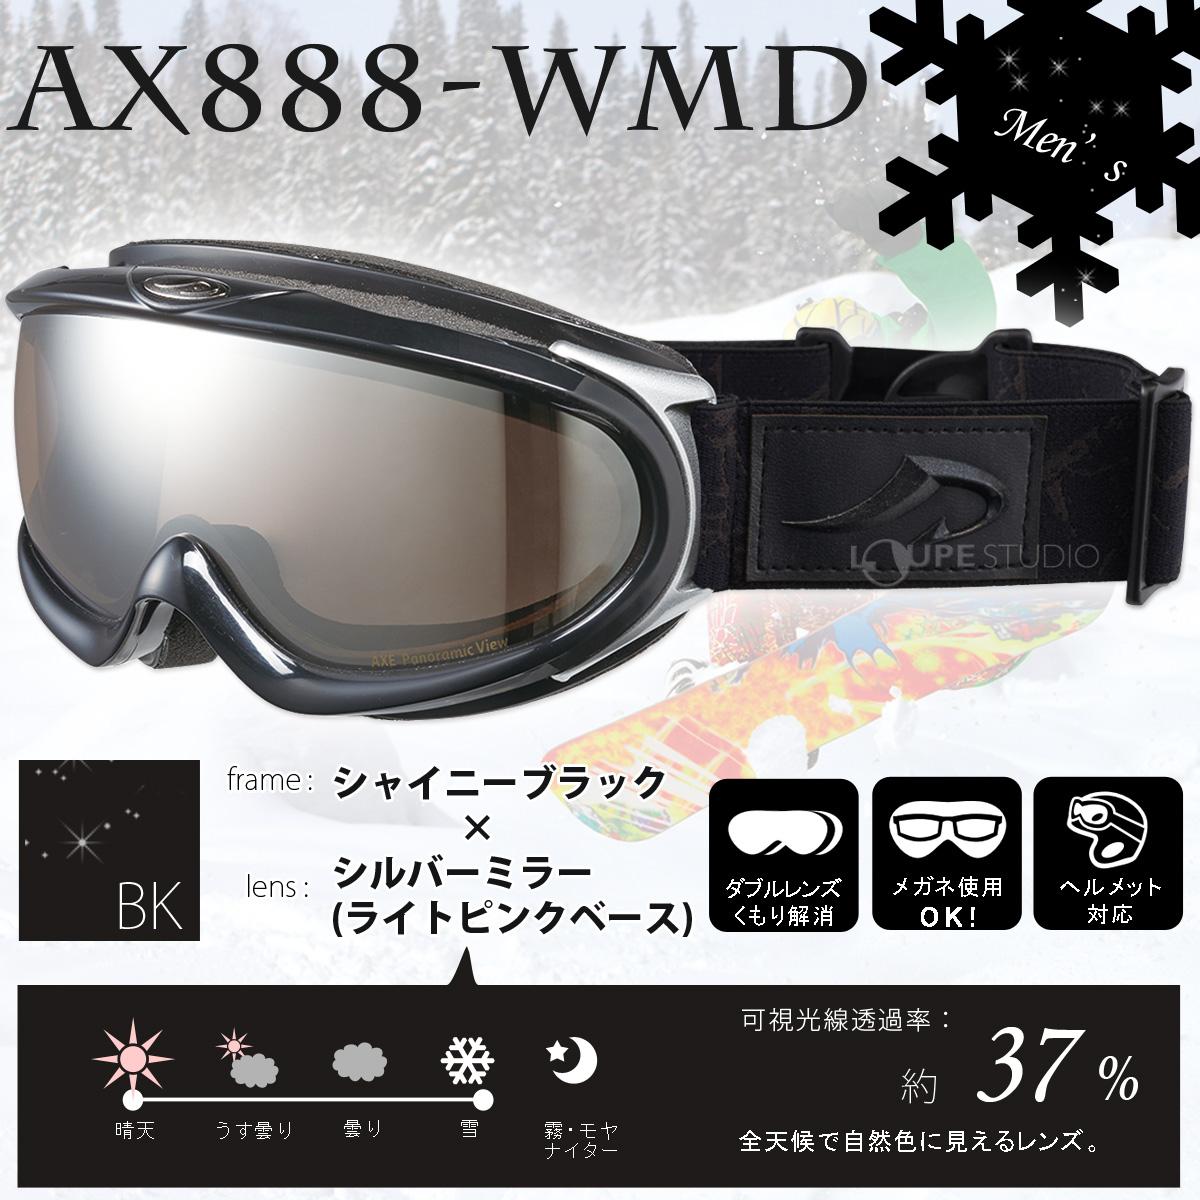 AX888-WMD